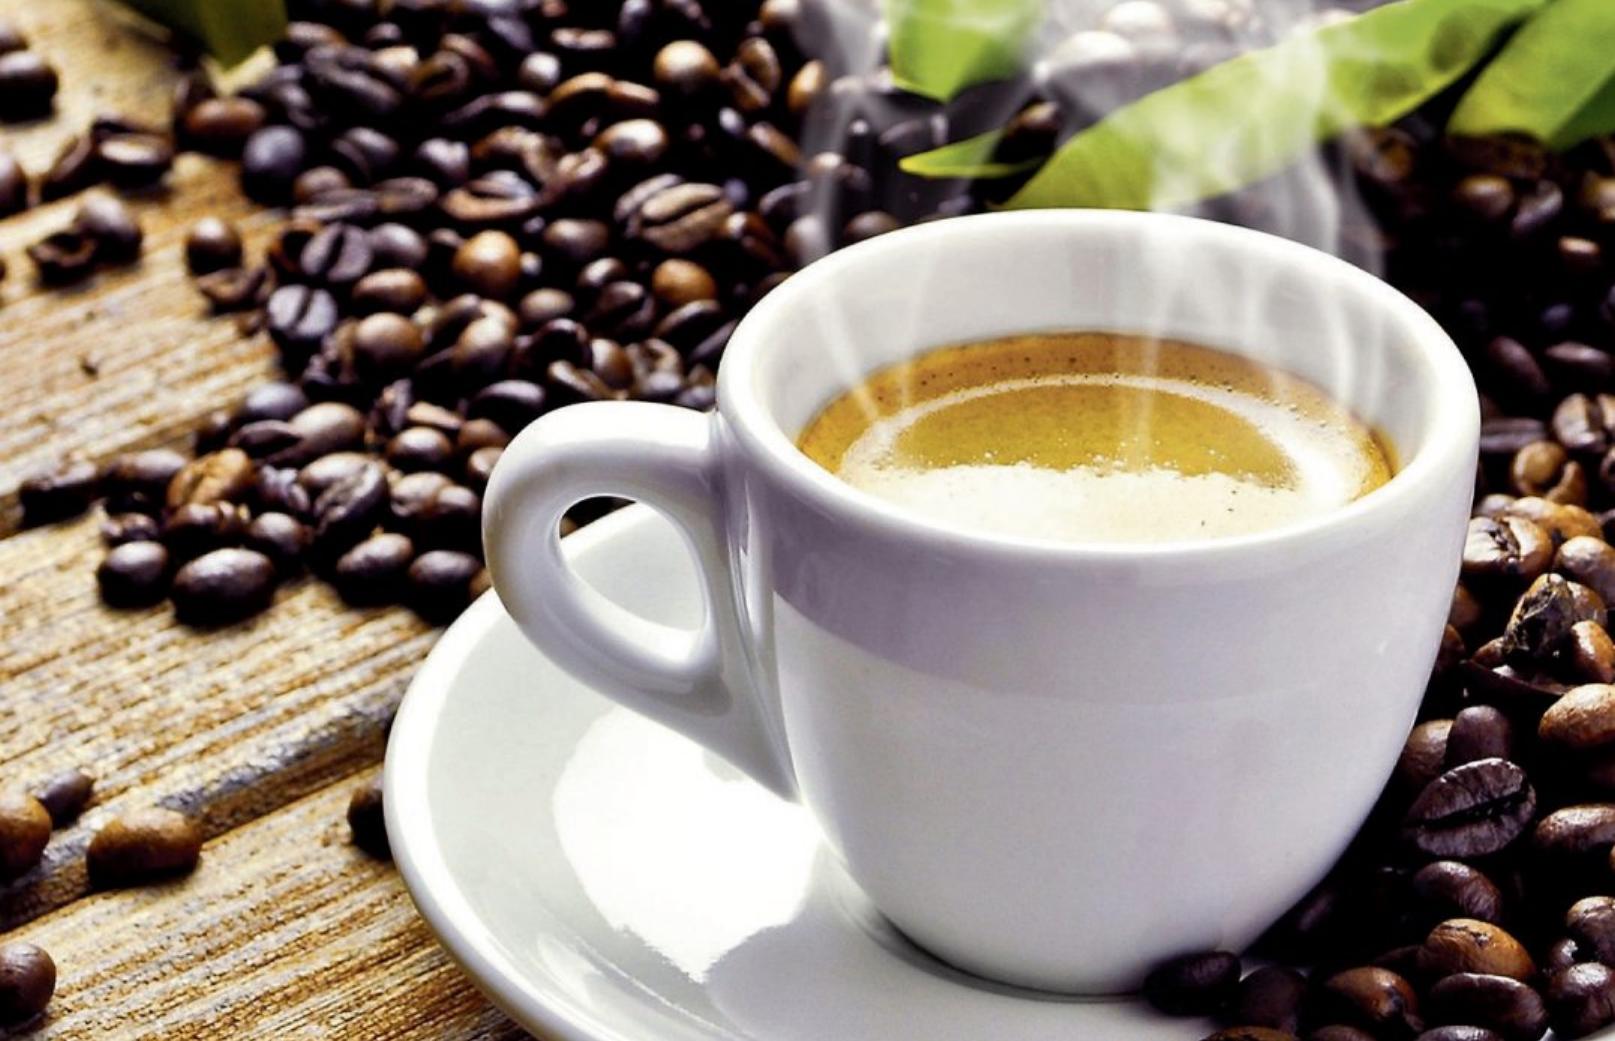 Kaffee wärmt die Seele Image 1